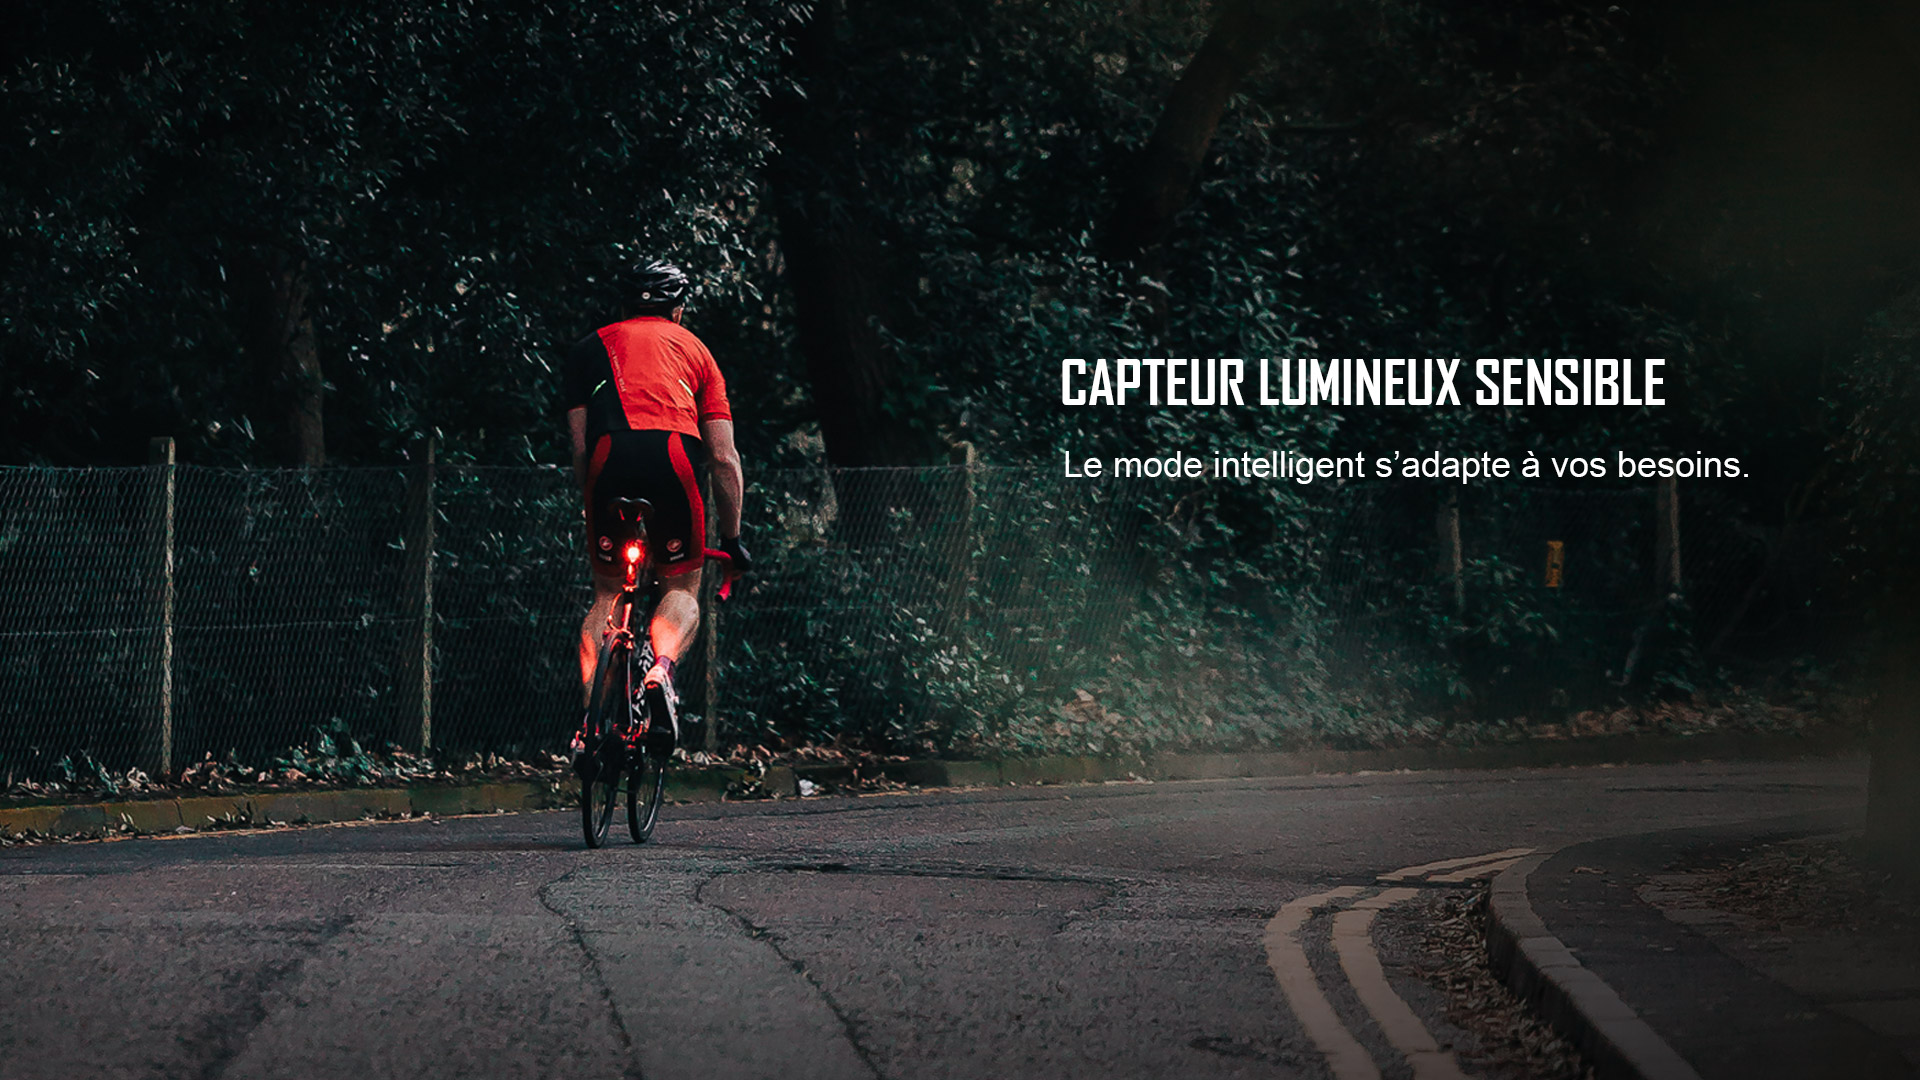 Mode intelligent sensible à la lumière lampe arrière vélo